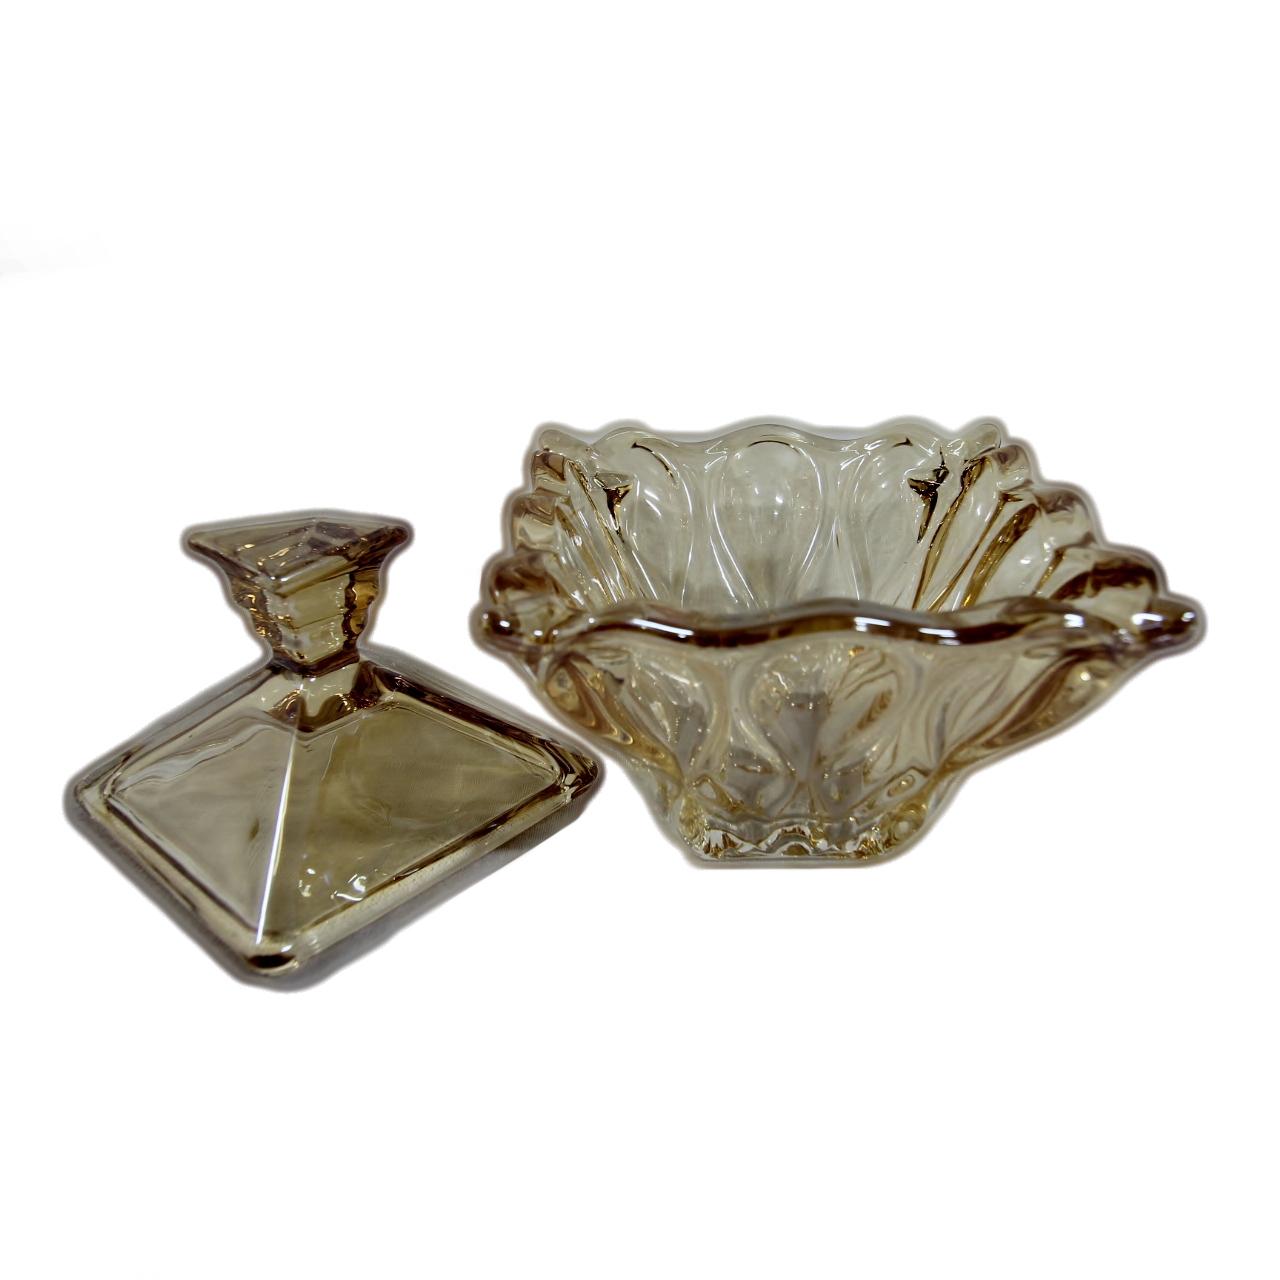 Bomboniere cristal  quadrada âmbar safira10,8X12,5 Wolff